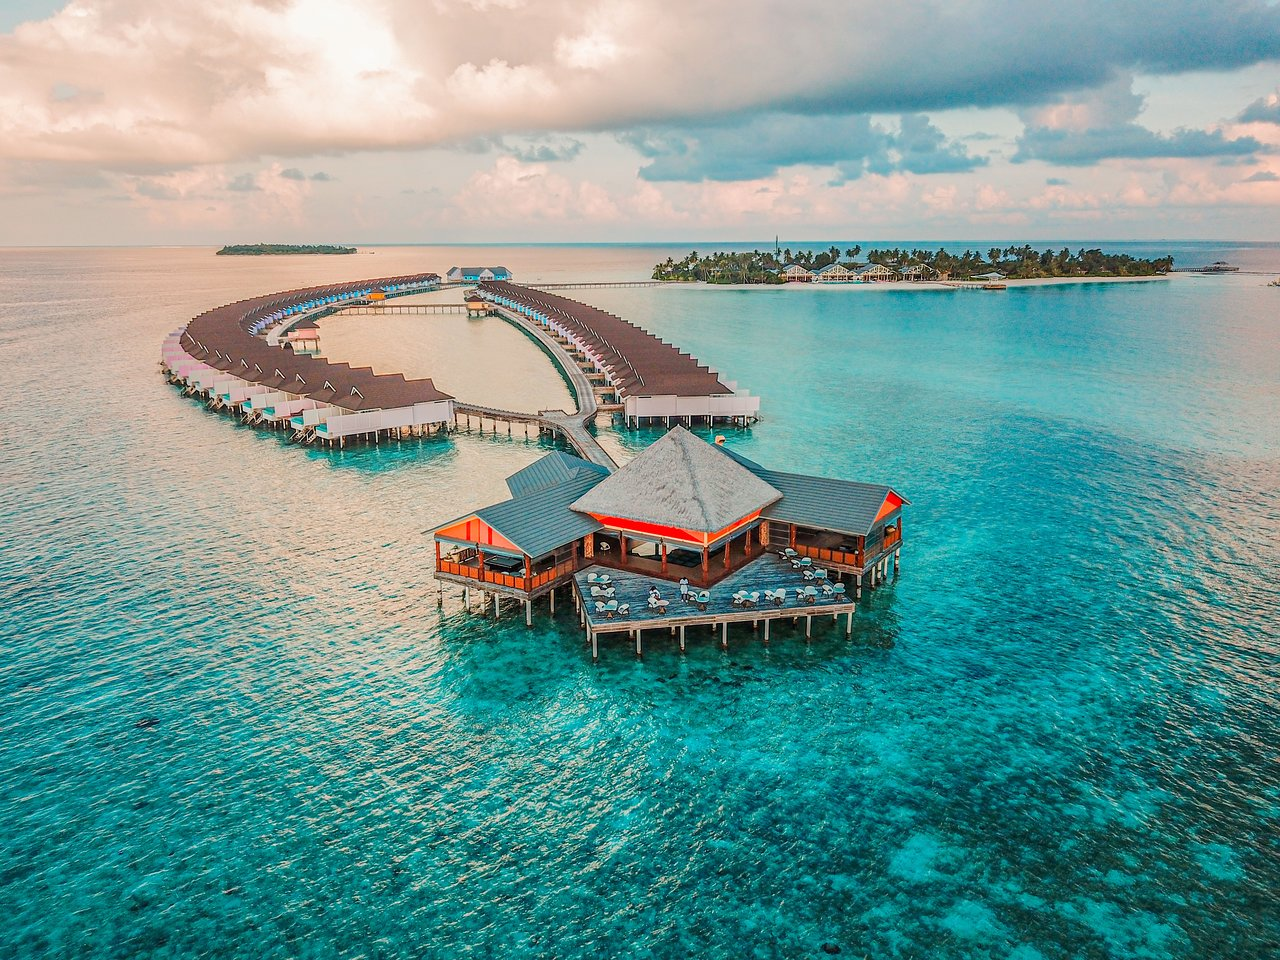 صور جزر المالديف 12